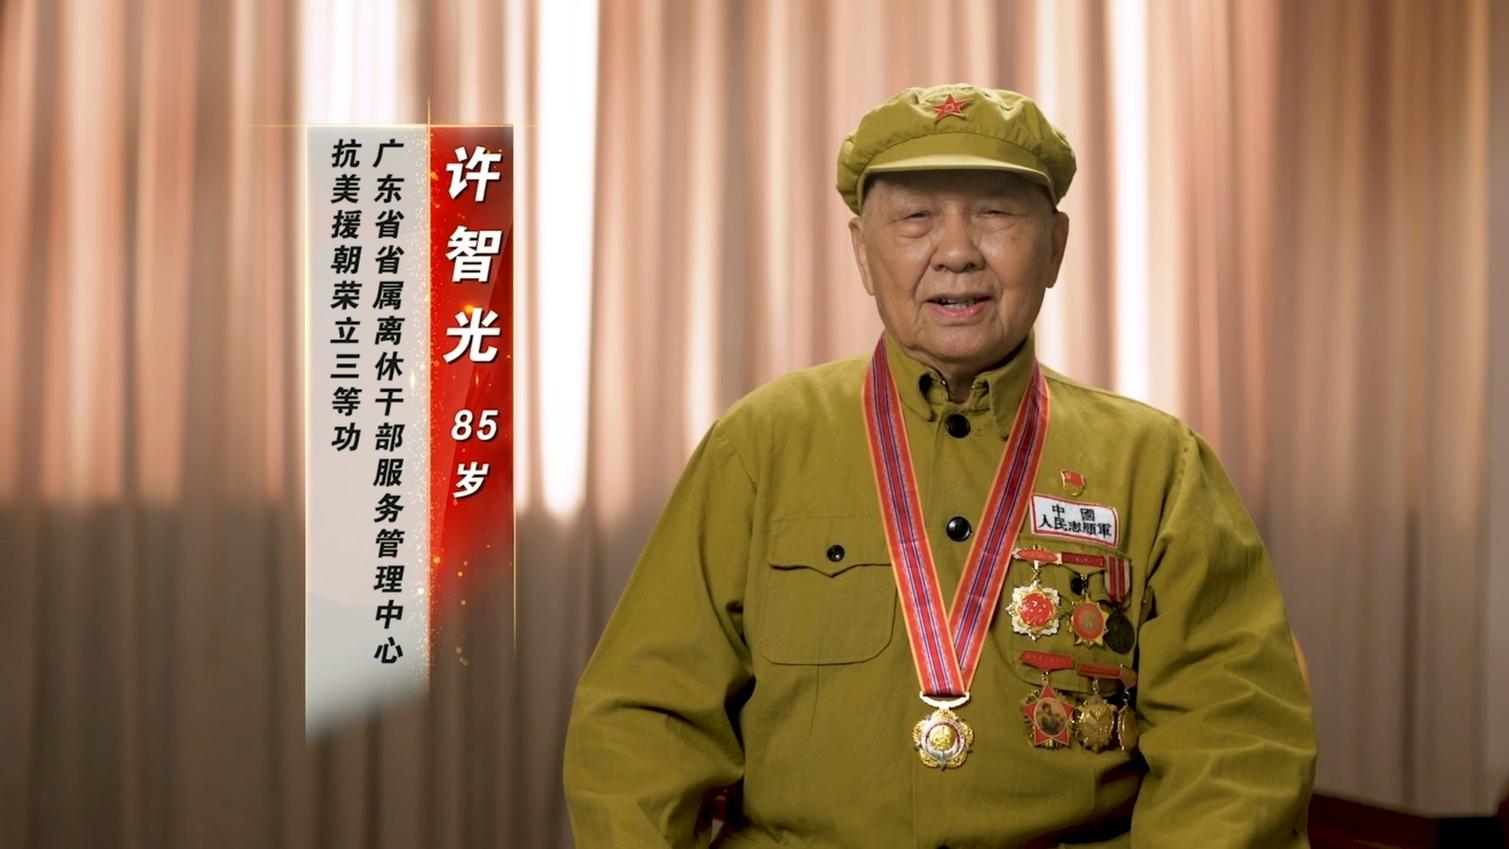 共产党员许智光:铭记百年奋斗光辉历程,弘扬伟大抗美援朝精神!